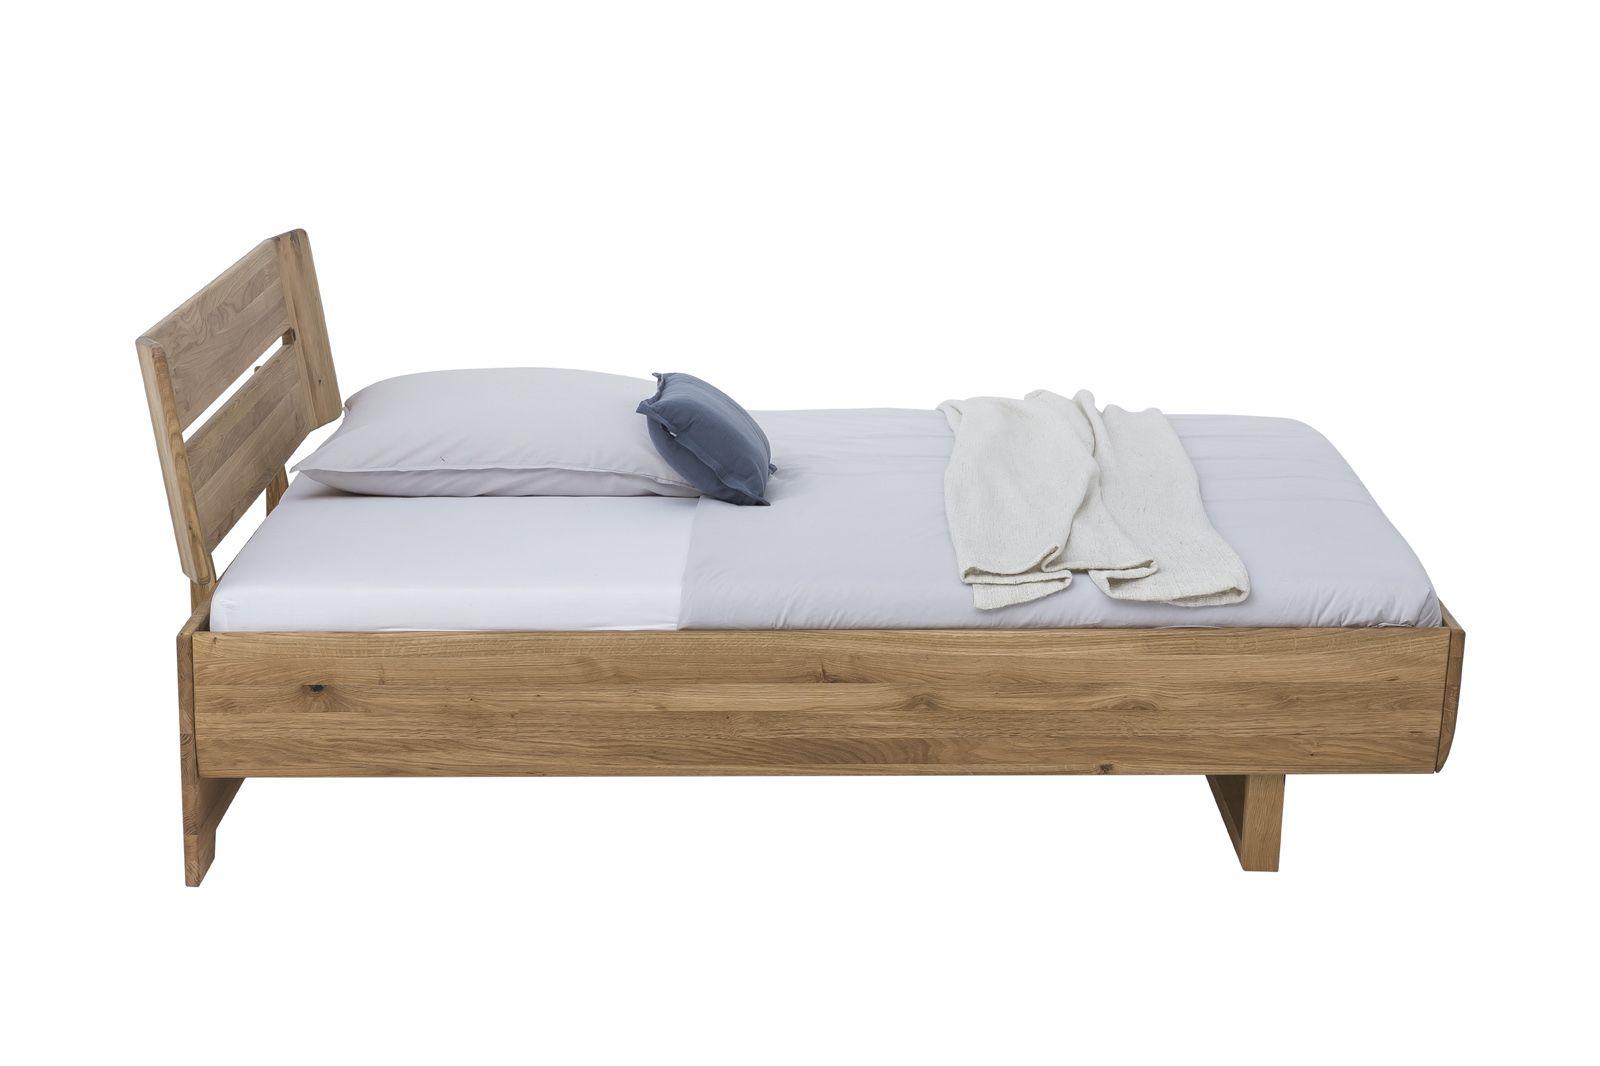 Massivholz Bett HOVER 12x12 Wildeiche geölt